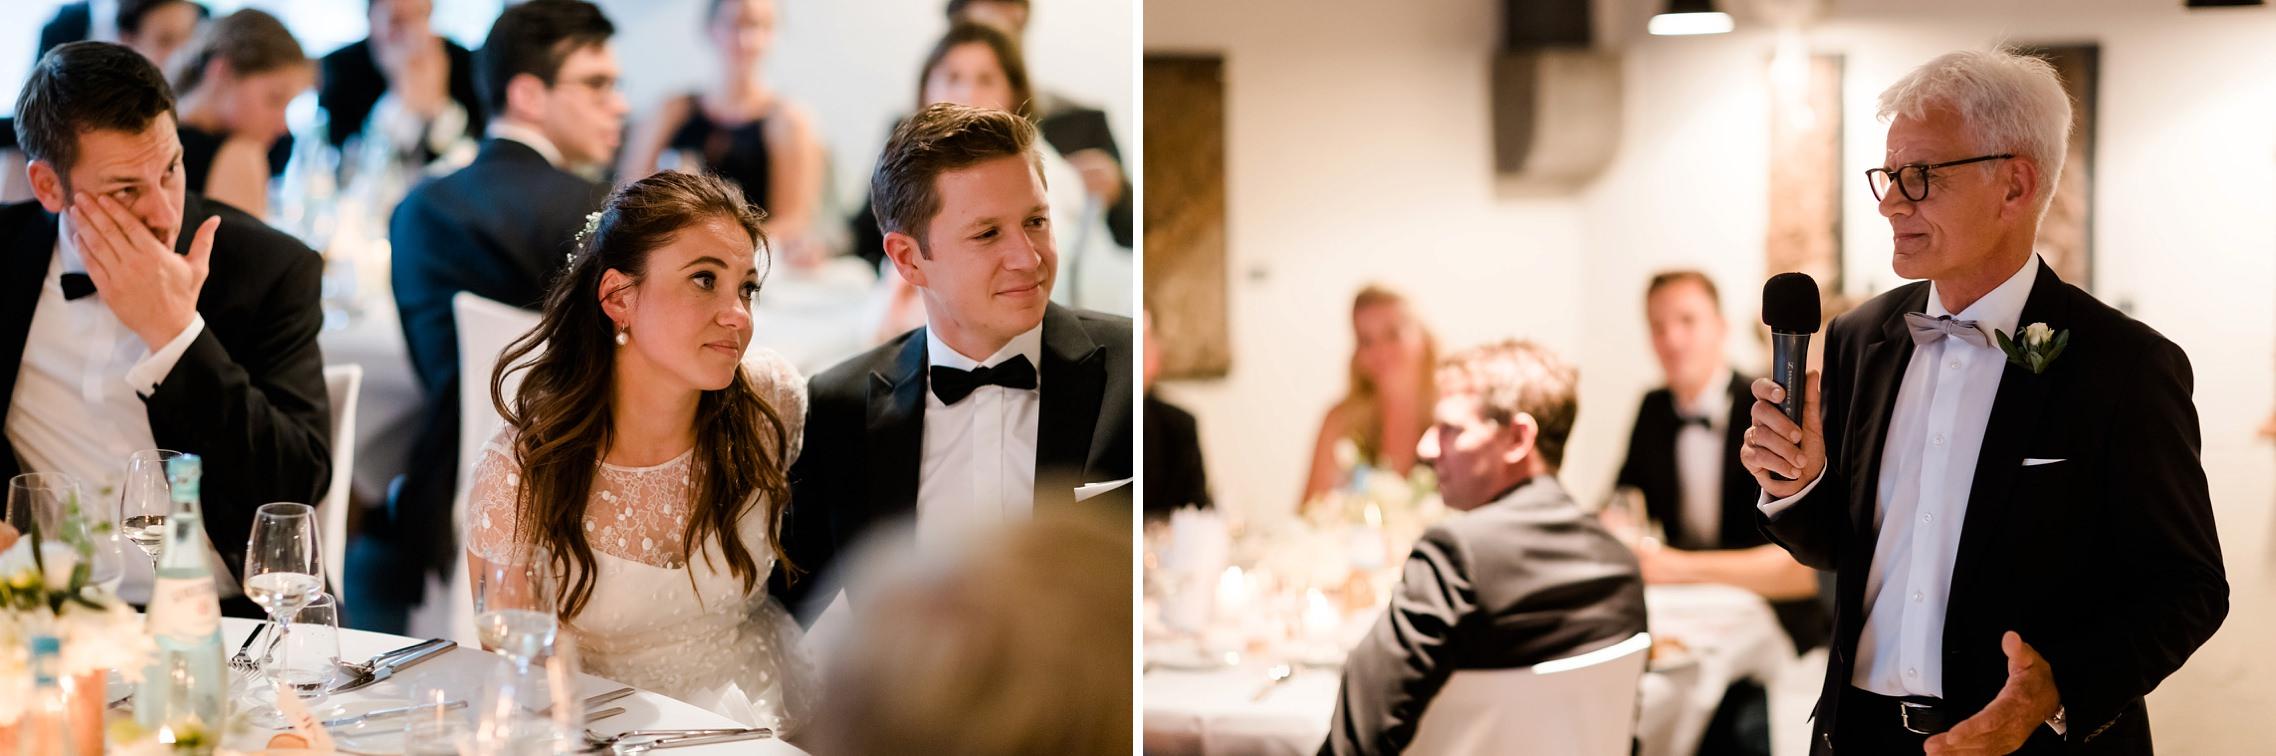 Der Brautvater hält eine emotionale Rede